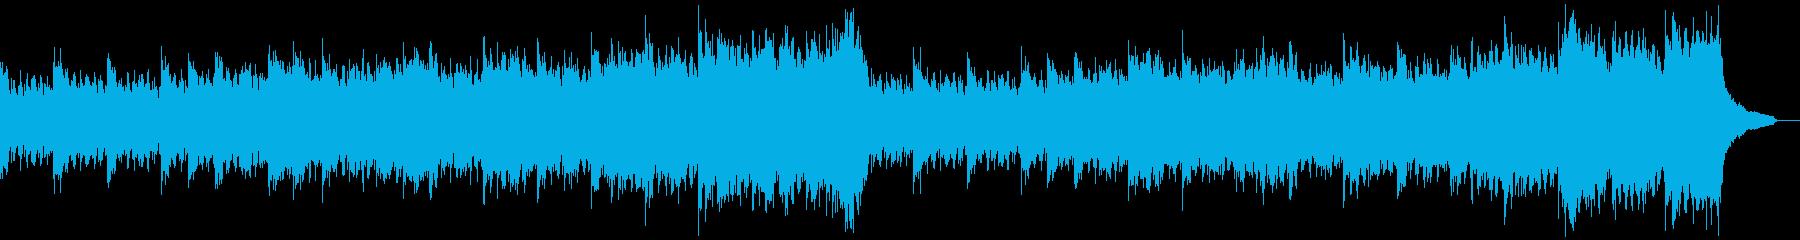 企業VP151、爽快、ピアノ、弦楽器、aの再生済みの波形